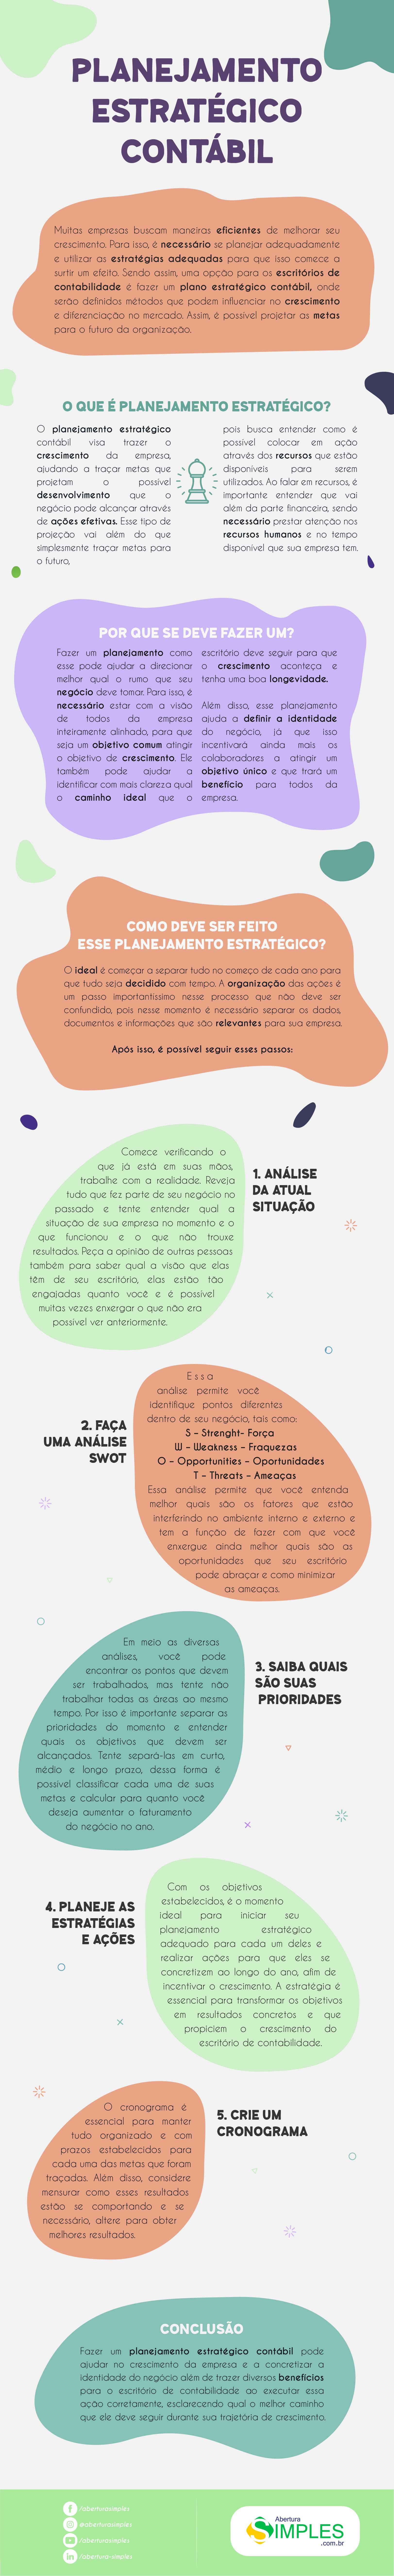 planejamento estratgico jpg - INFOGRÁFICO: PLANEJAMENTO ESTRATÉGICO CONTÁBIL